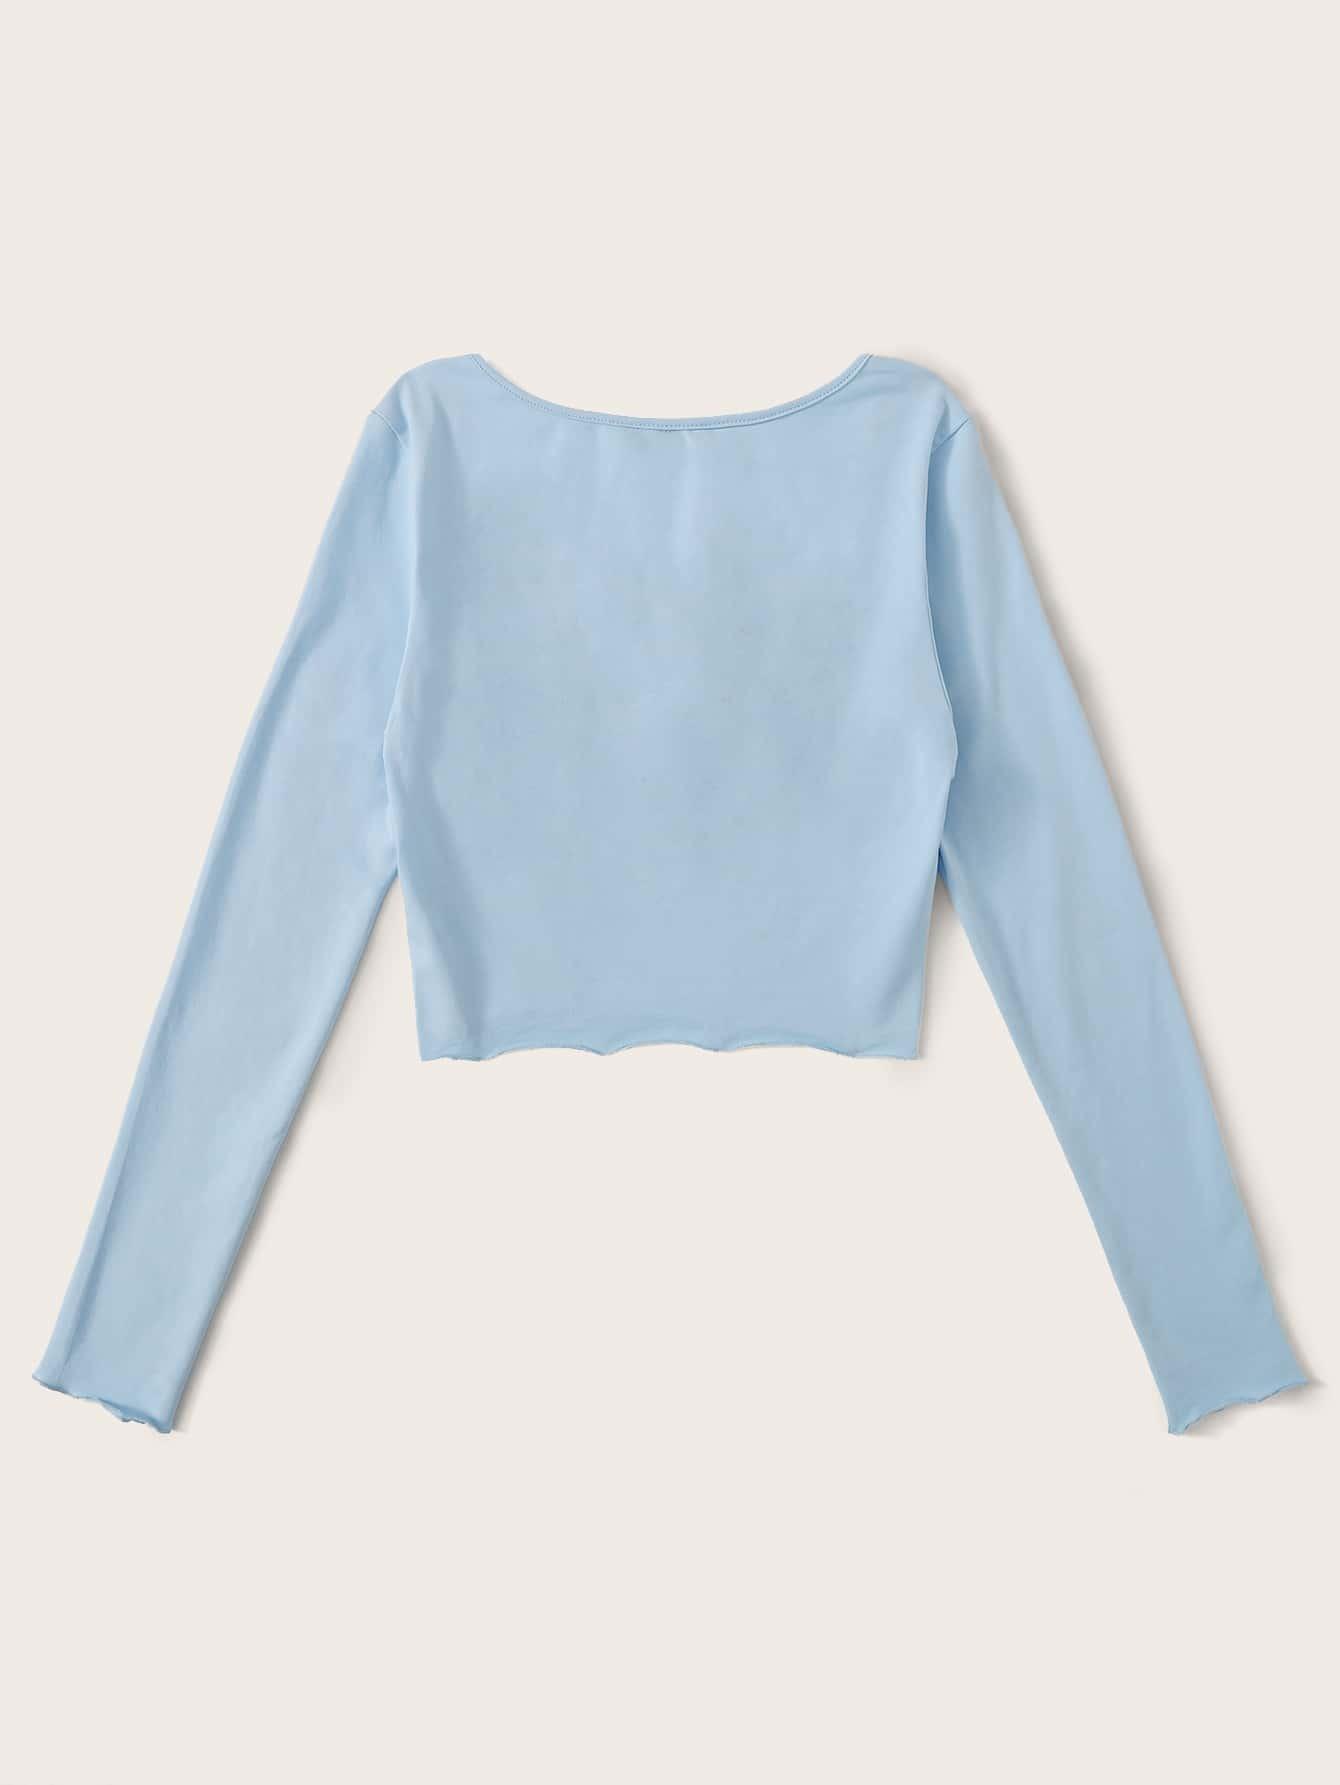 Wooden Texture North Cyprus National Flag Women Sweatshirt Casual Hoodie Tshirt T Hoodies Cropped Crop Tops